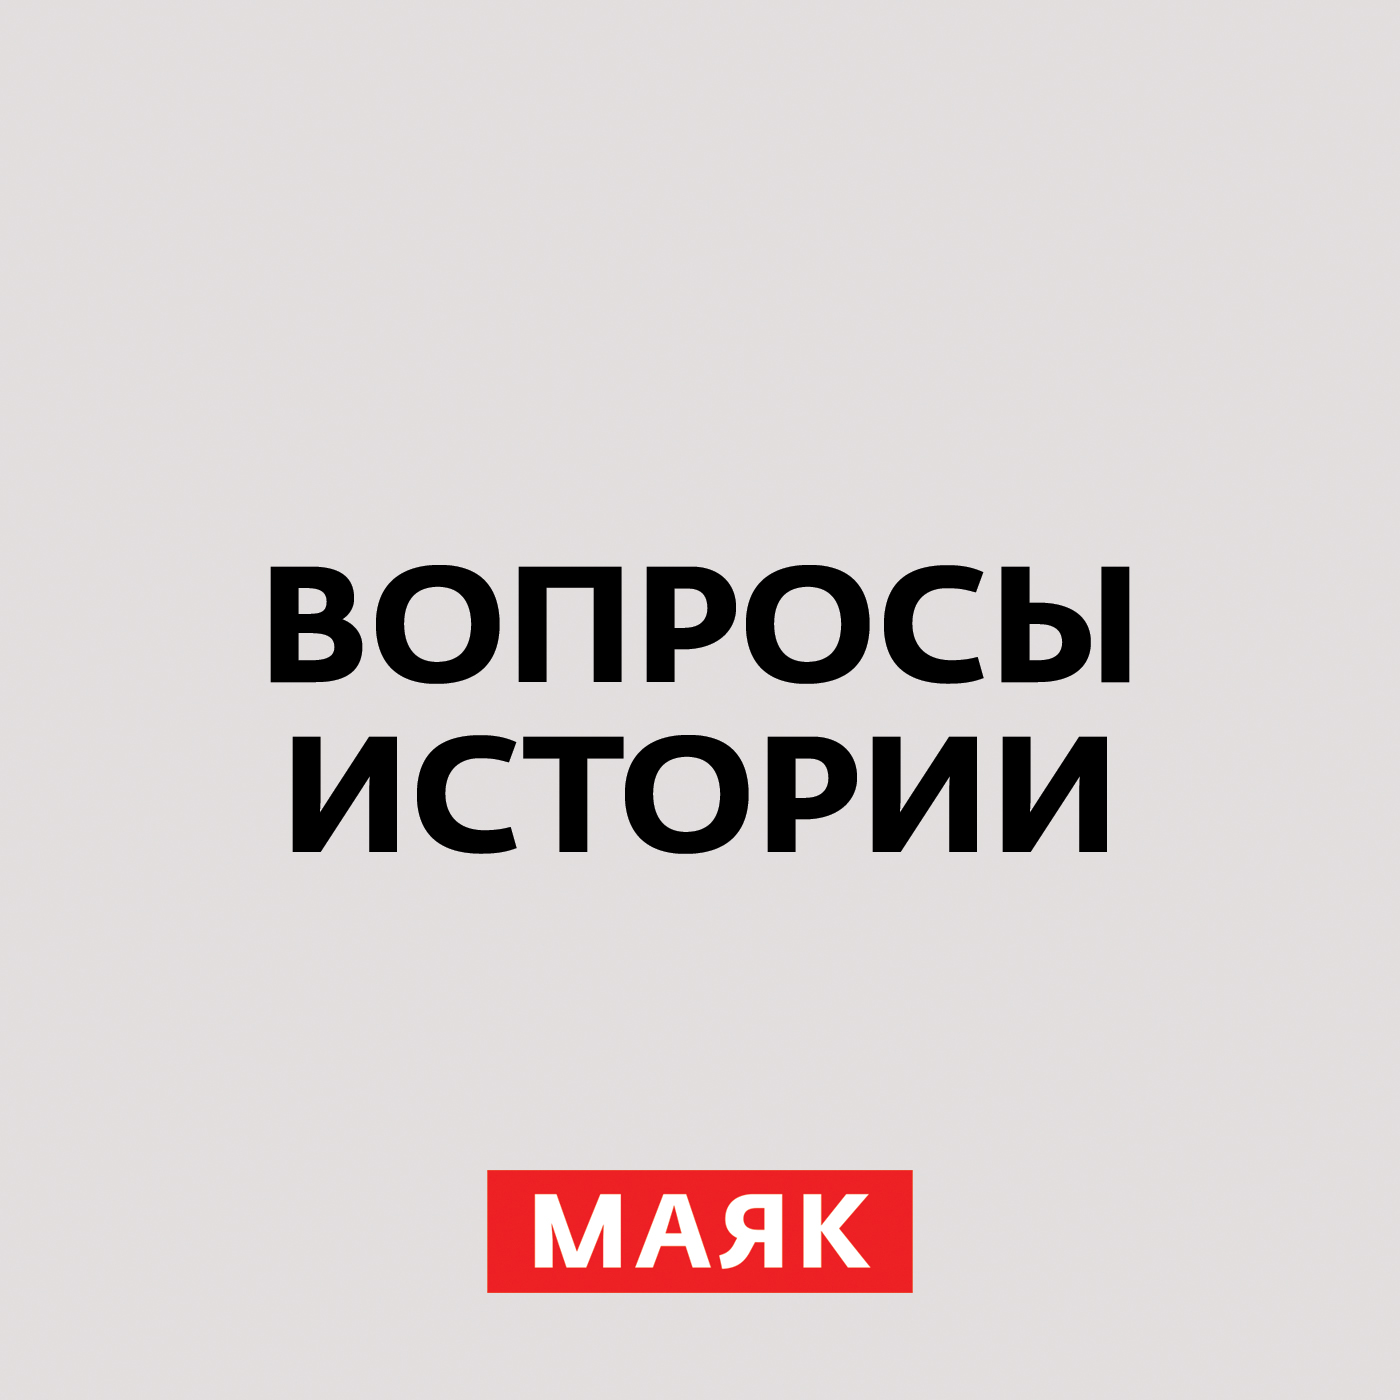 Андрей Светенко Что на самом деле было в июне 1941-го. Часть 1 андрей светенко 22 июня 1941 года – незаживающая рана истории